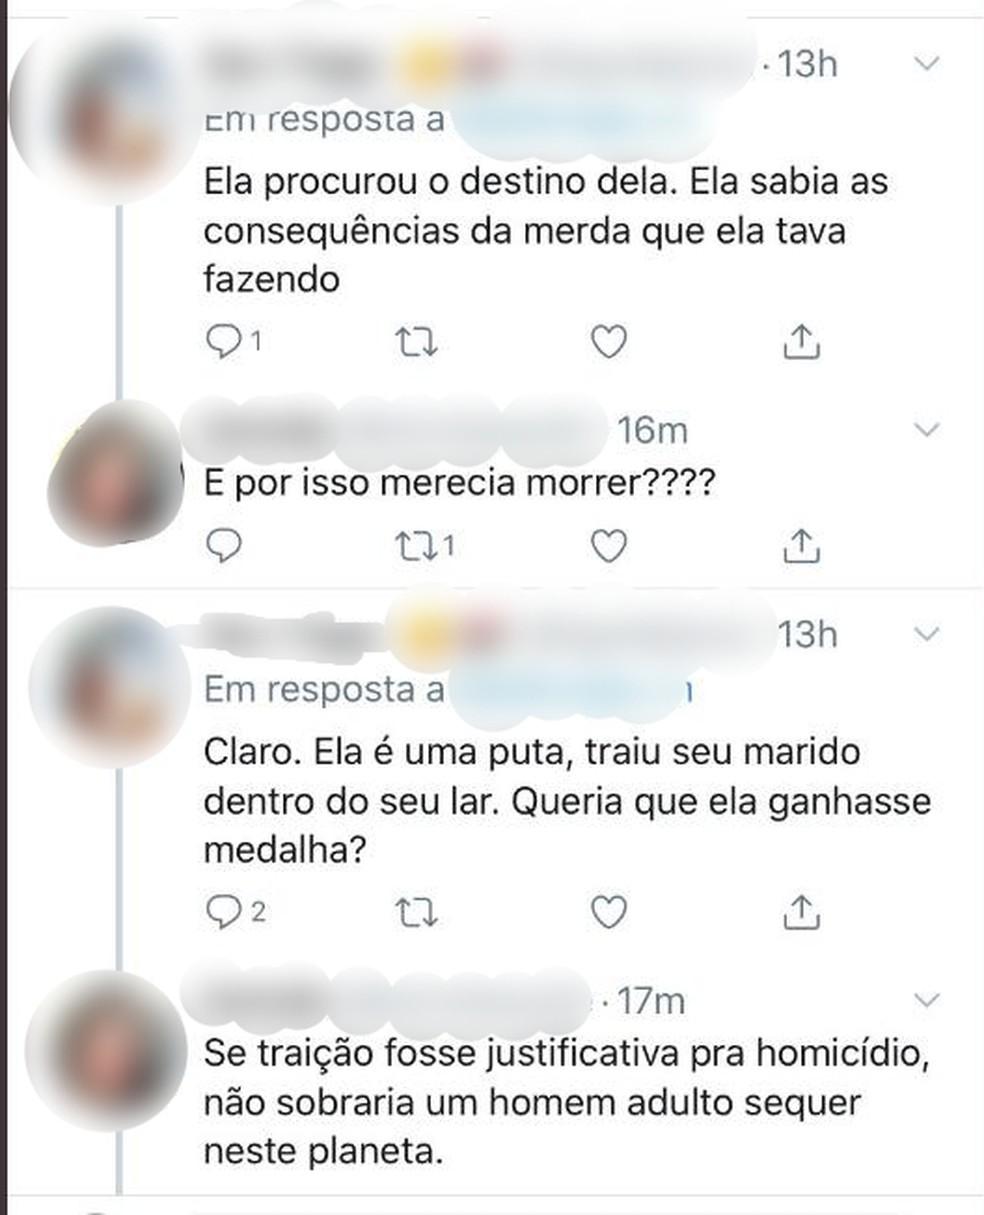 Comentários de apologia ao crime podem ser denunciados, afirma a Polícia Civil — Foto: Reprodução/Redes Sociais